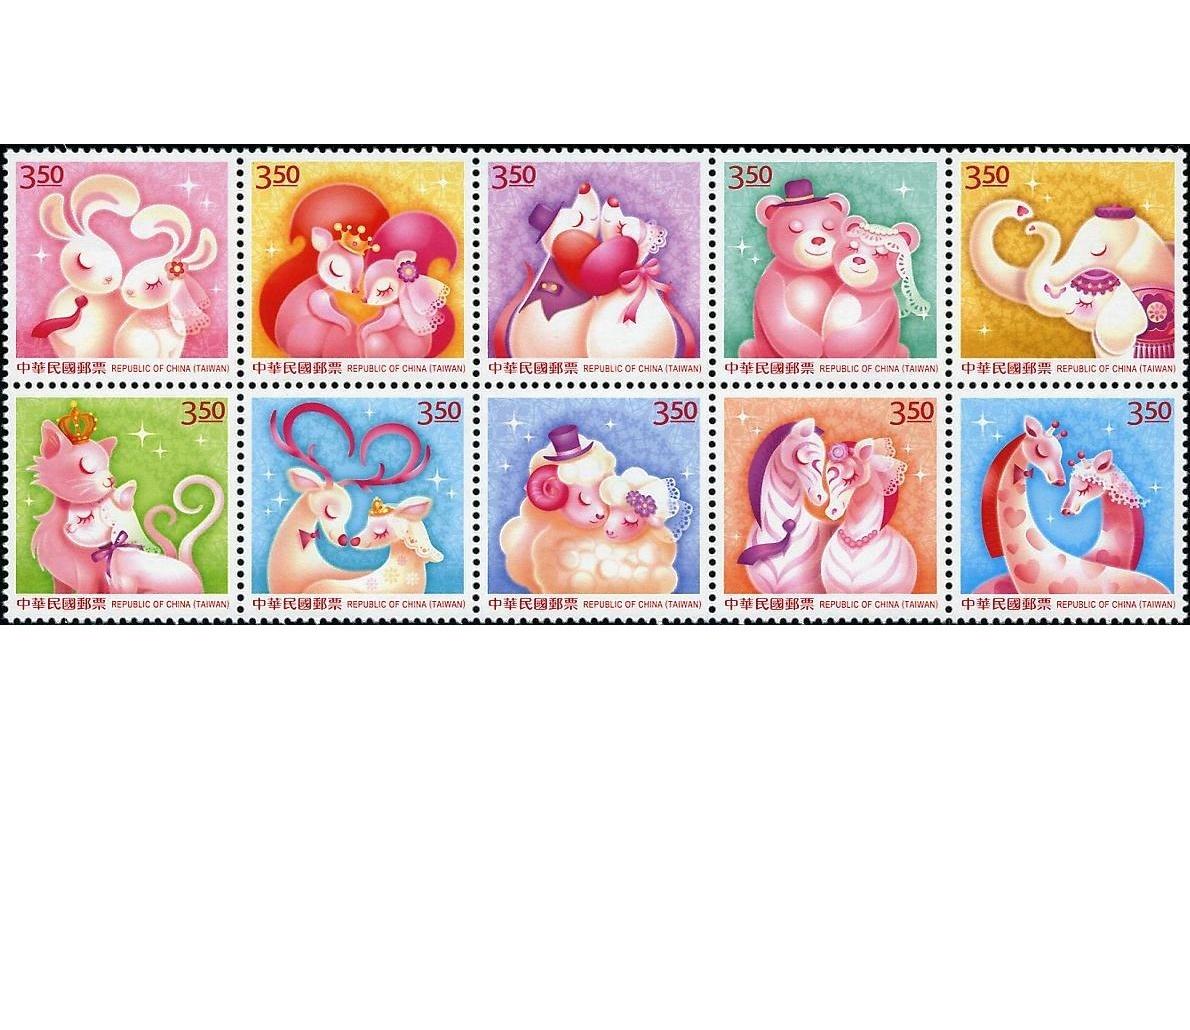 祝福郵票(續) 3.5元連刷套票